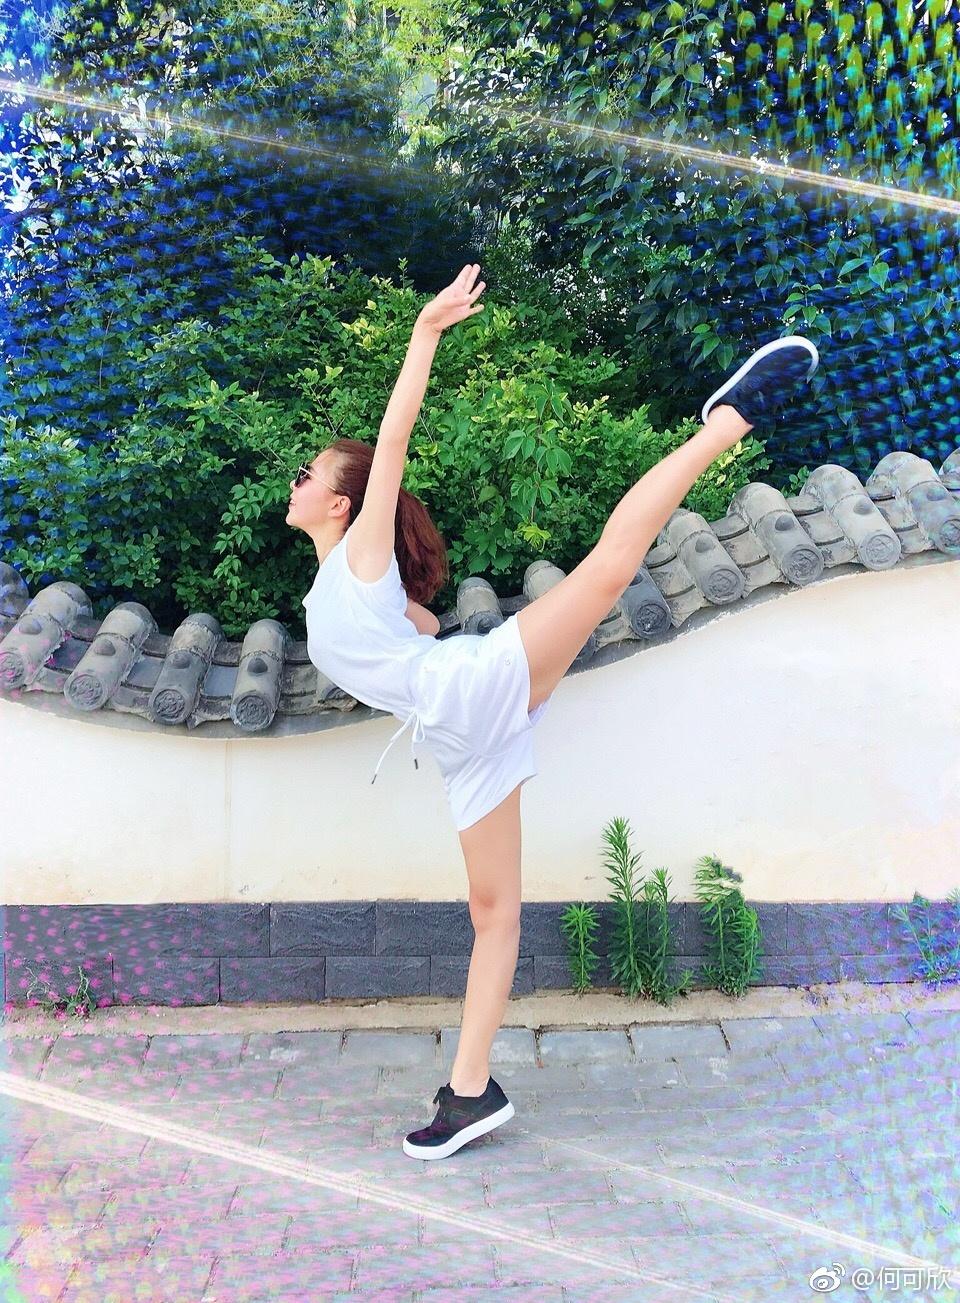 1992年1月1日出生的何可欣是土生土长的北京妞。